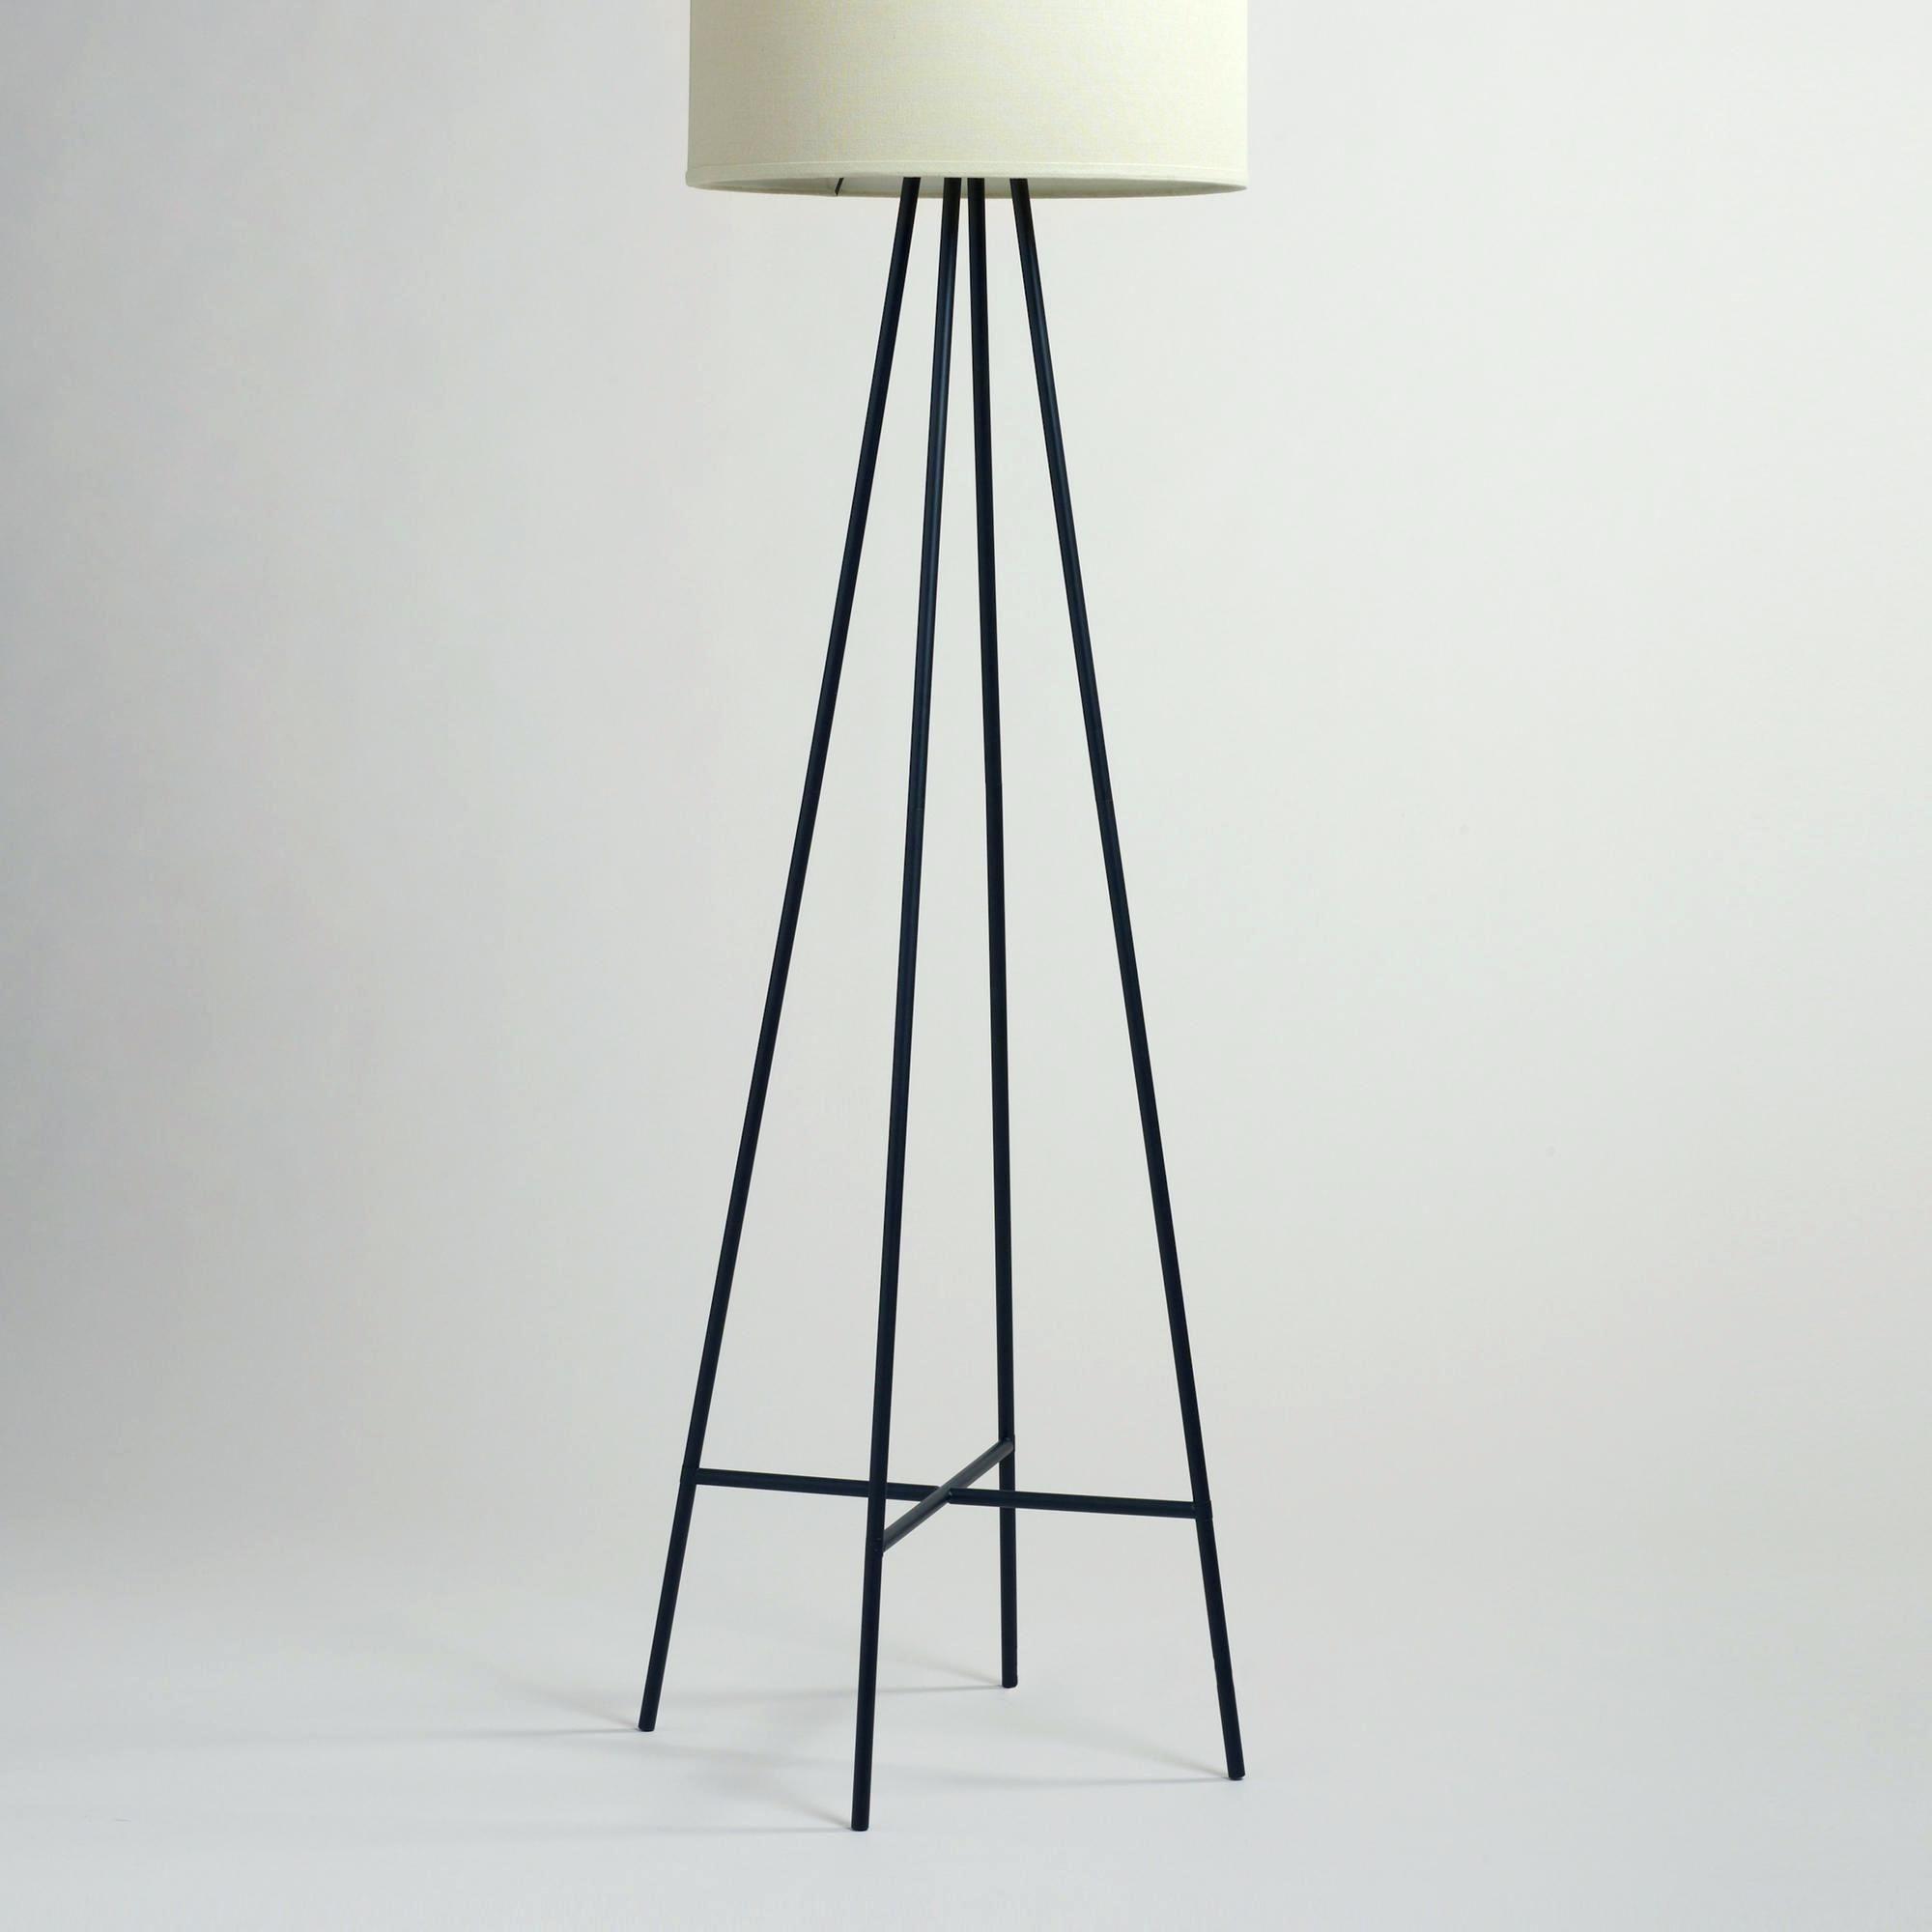 torch stehleuchte studio stehleuchte boden leuchten f r. Black Bedroom Furniture Sets. Home Design Ideas